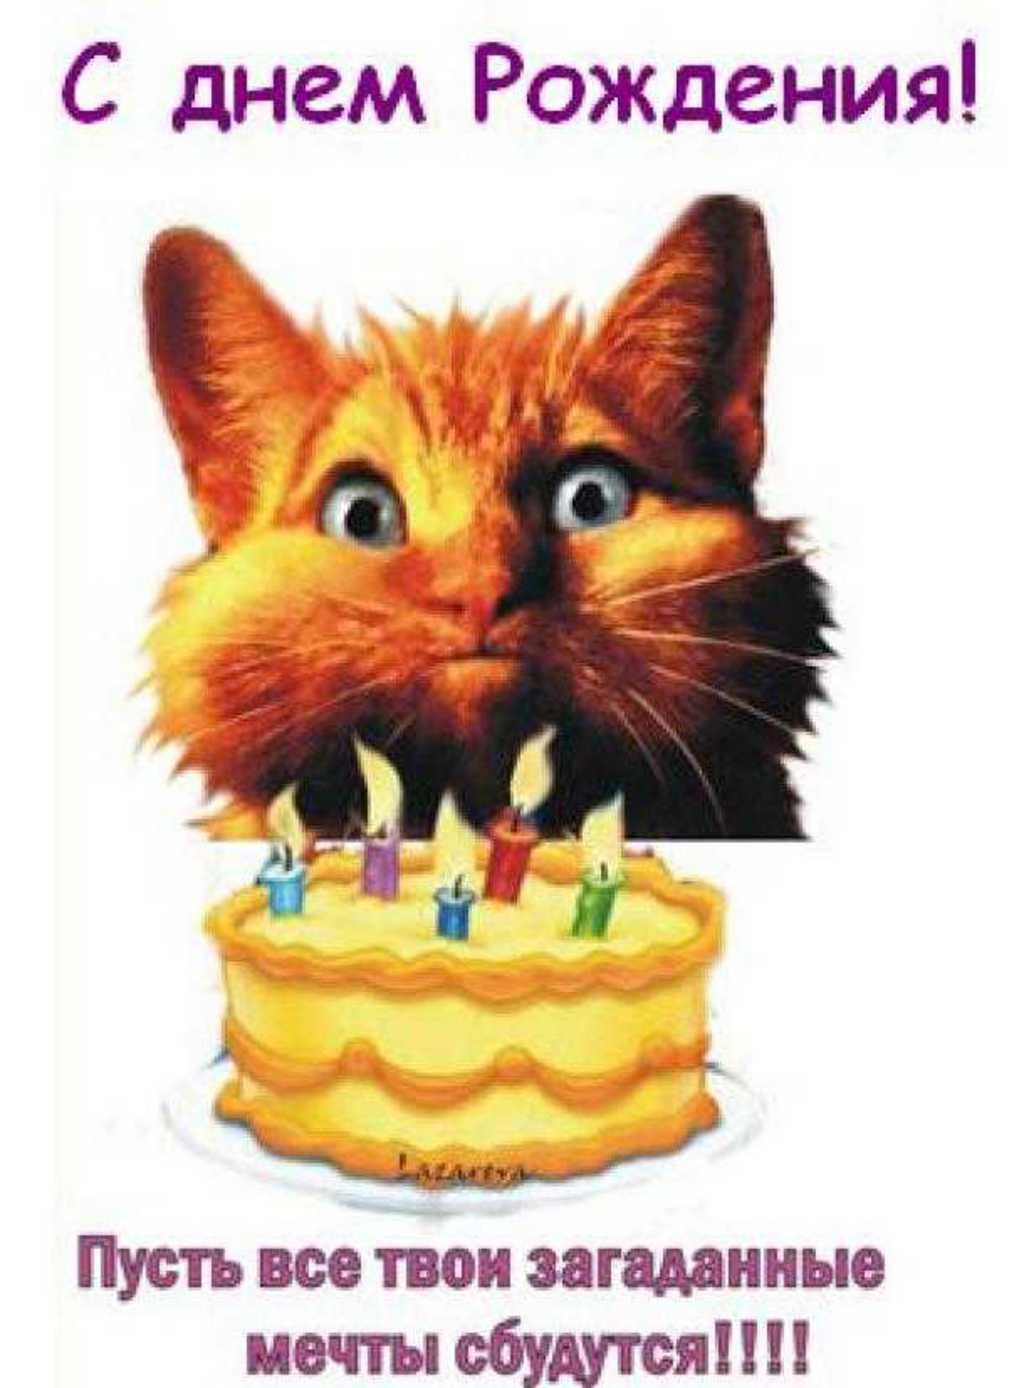 Поздравление с днём рождения косте в стихах фото 405